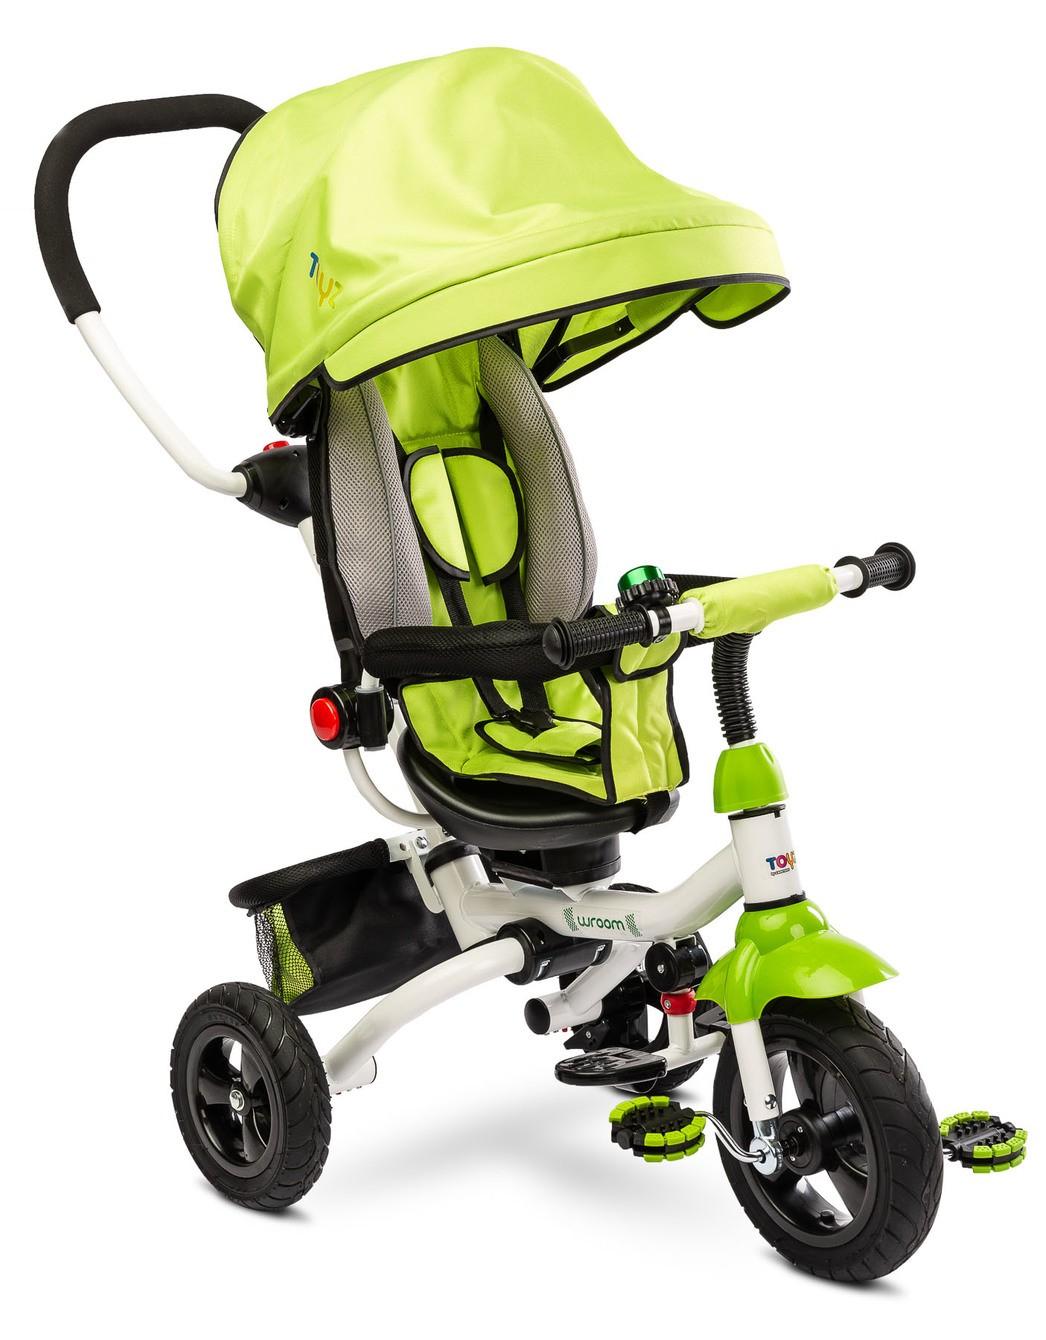 Dětská tříkolka Toyz WROOM green, (barva zelená)